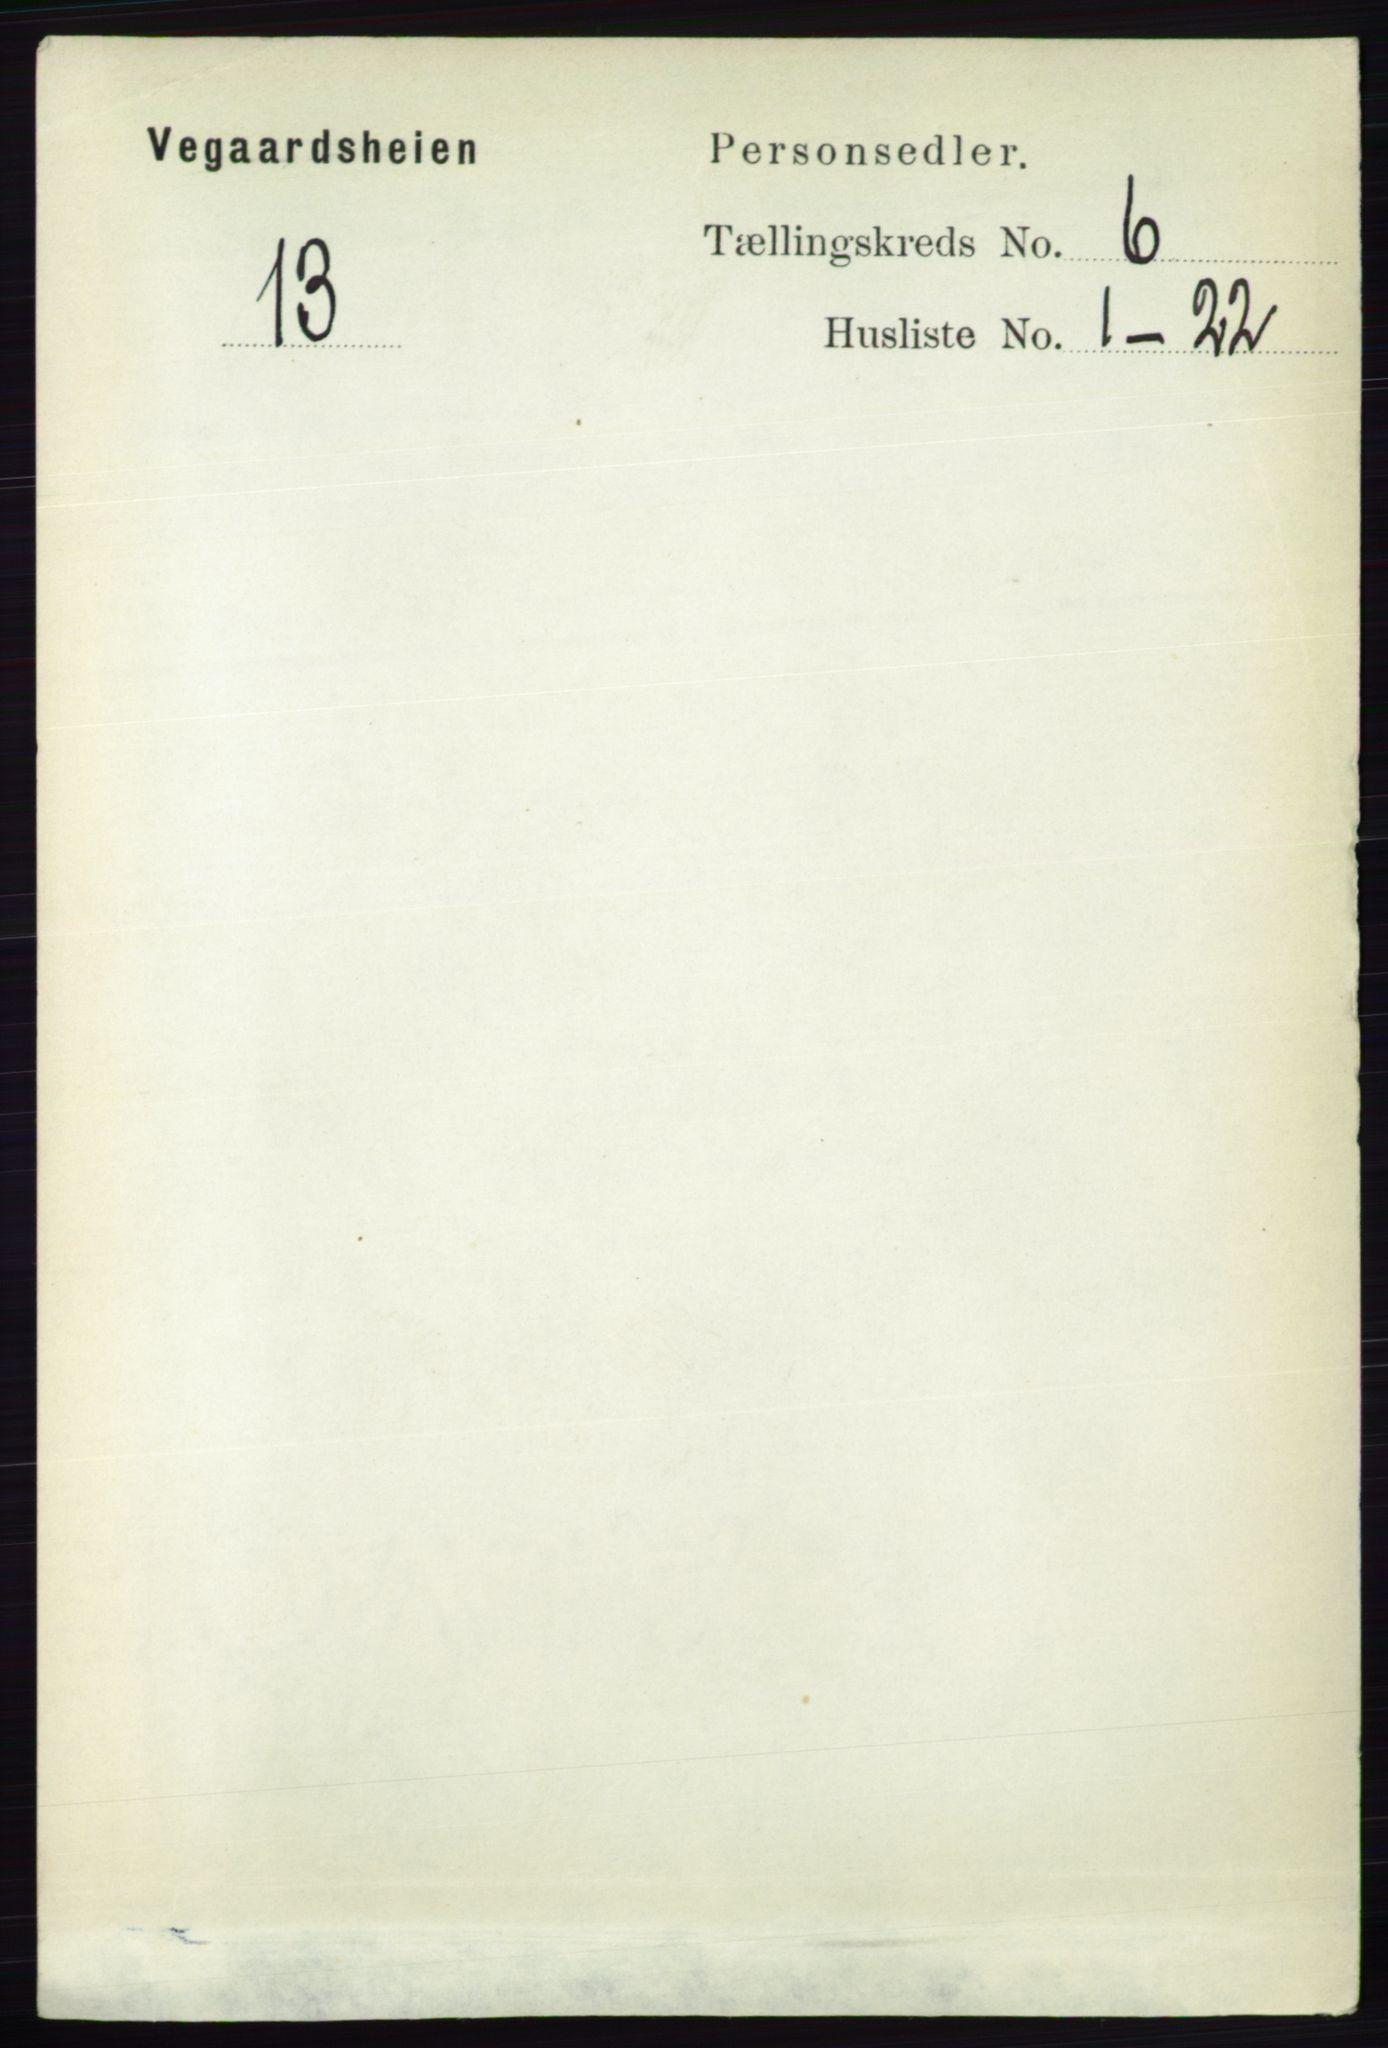 RA, Folketelling 1891 for 0912 Vegårshei herred, 1891, s. 1165